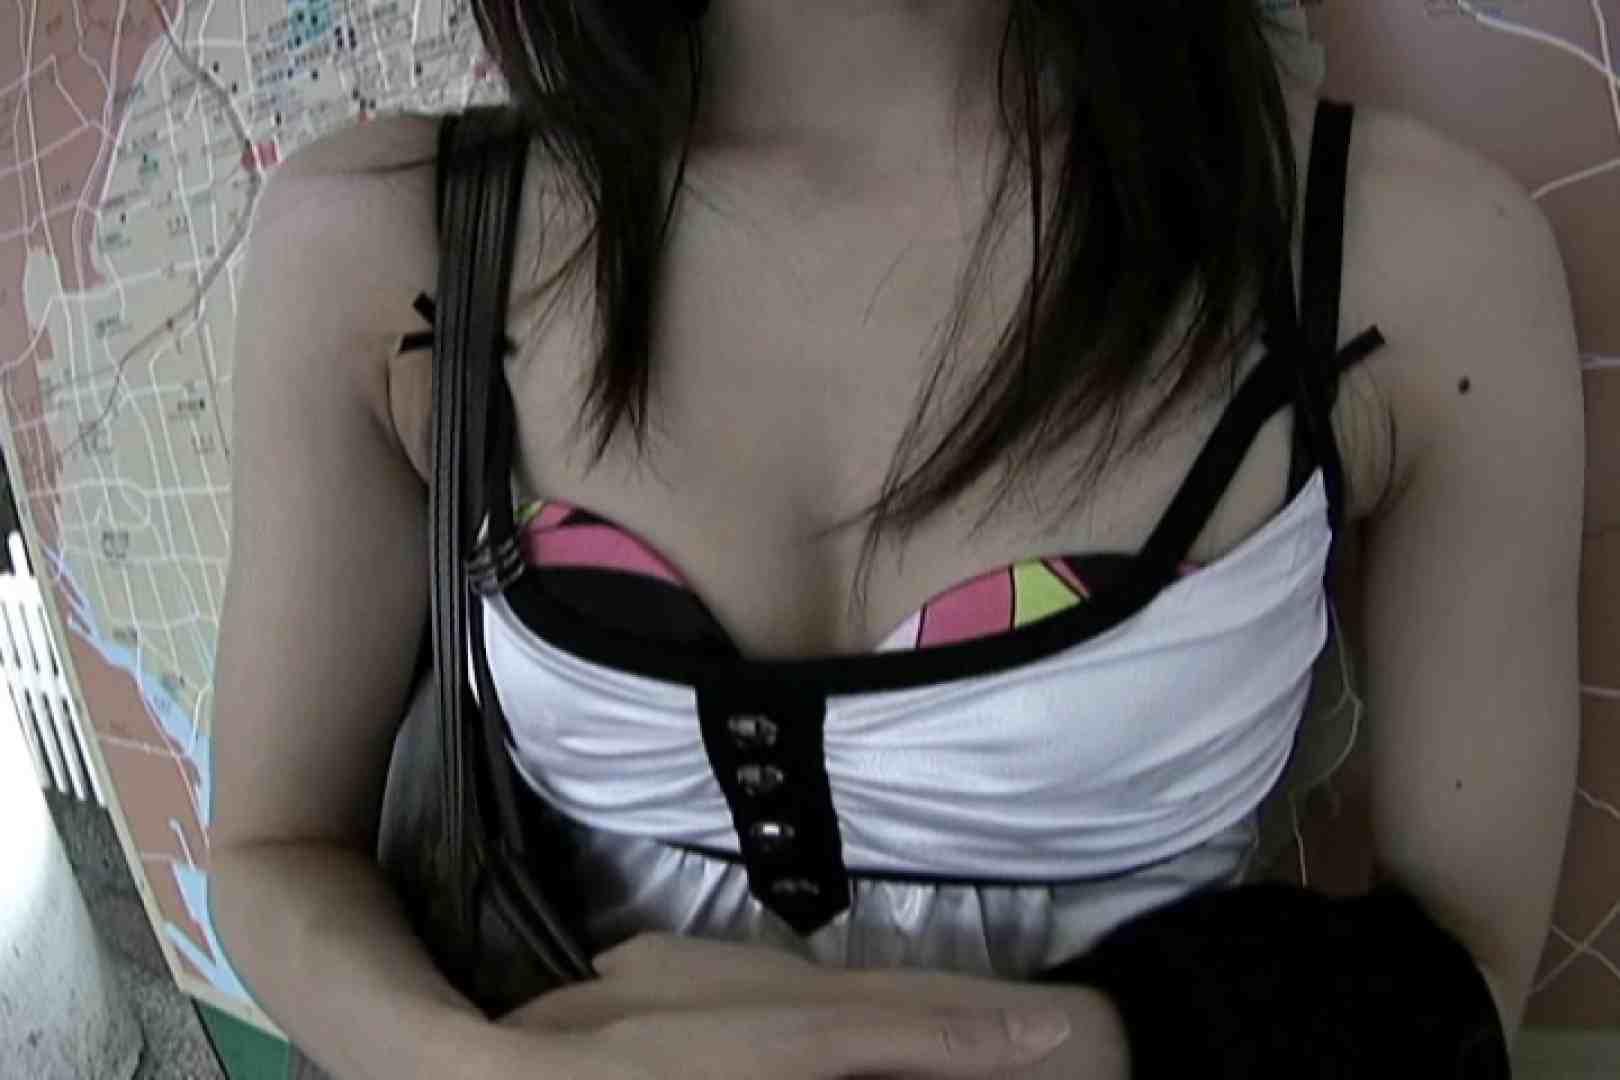 ハイビジョンパンチラ オッテQさんの追跡パンチラ制服女子編Vol.05 制服 エロ画像 93pic 33